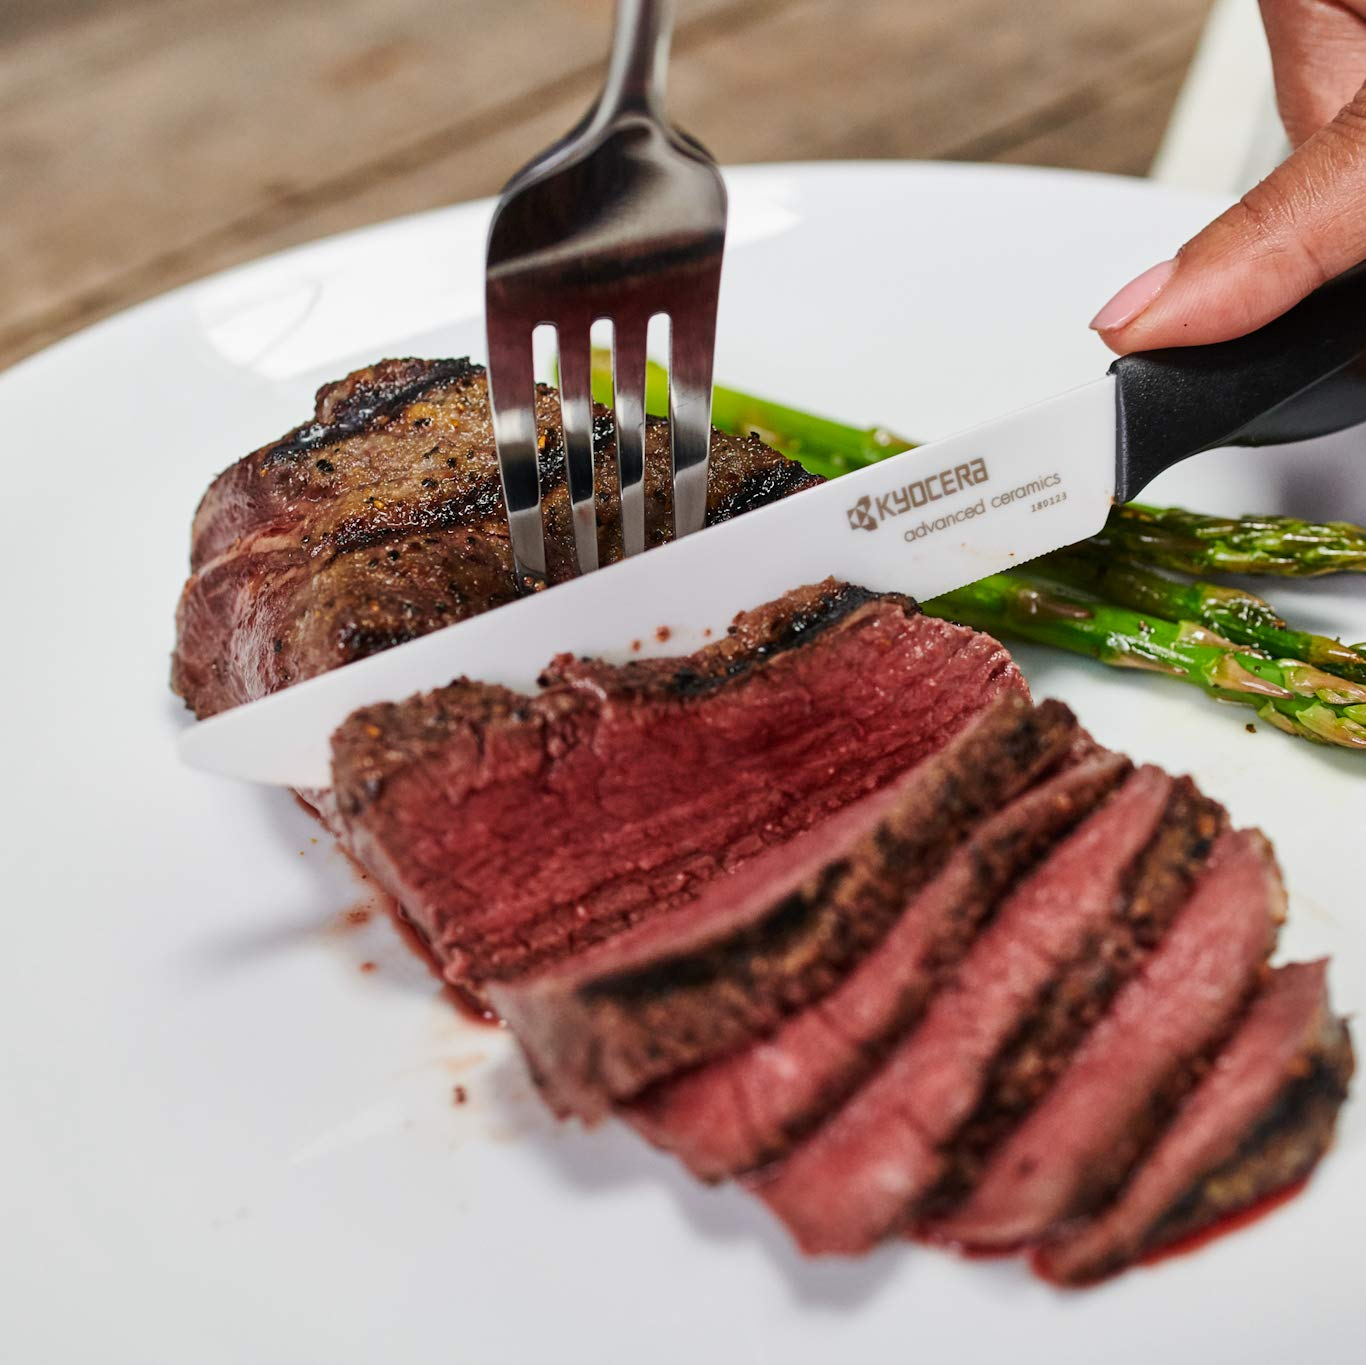 Kyocera SK-4PC Advanced Ceramic Steak Knife Set, One Size, Black/Black by Kyocera (Image #6)